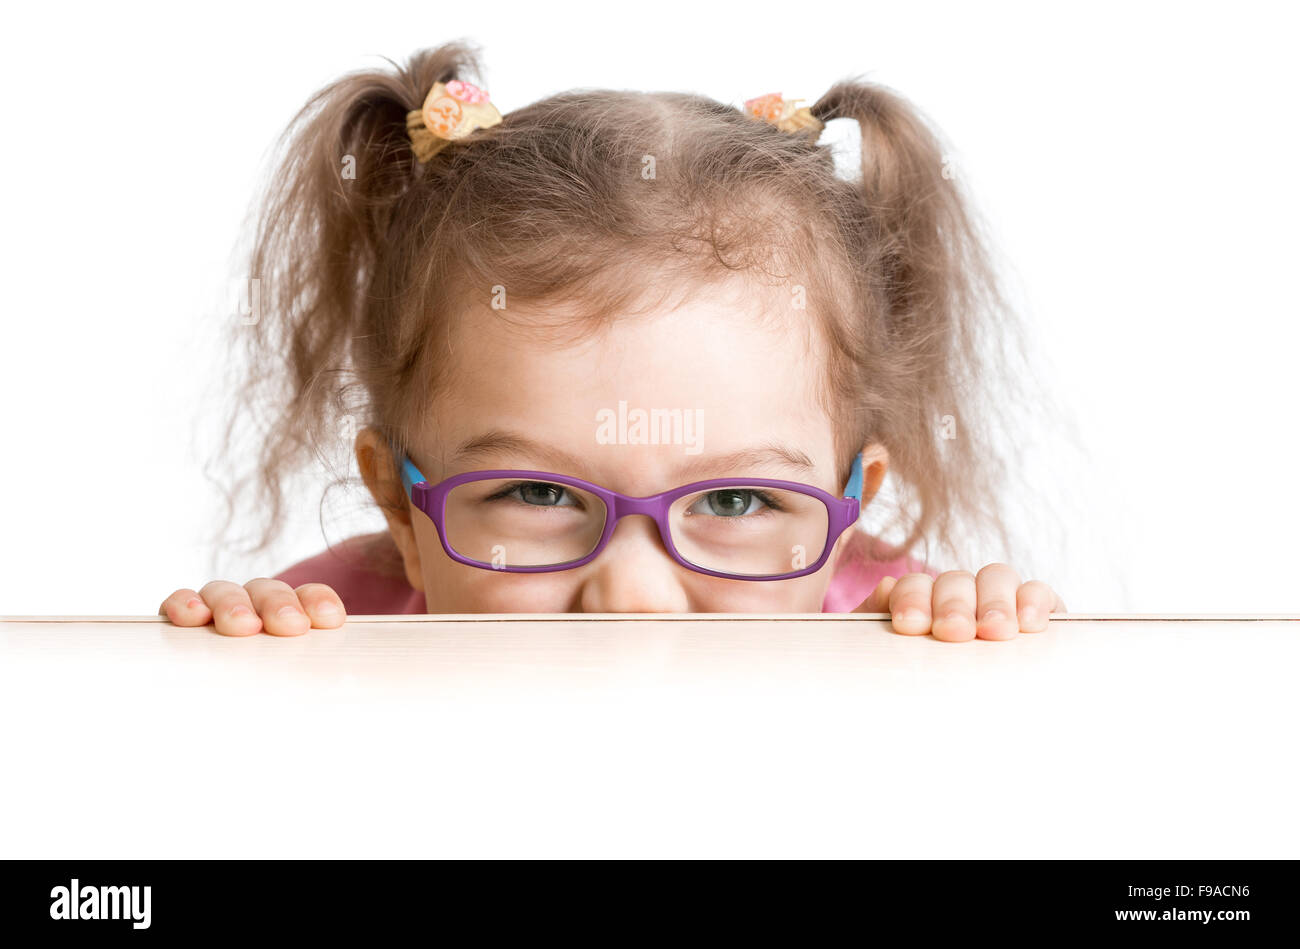 verängstigte Kind in Brille suchen unter Tisch Schreibtisch Stockbild